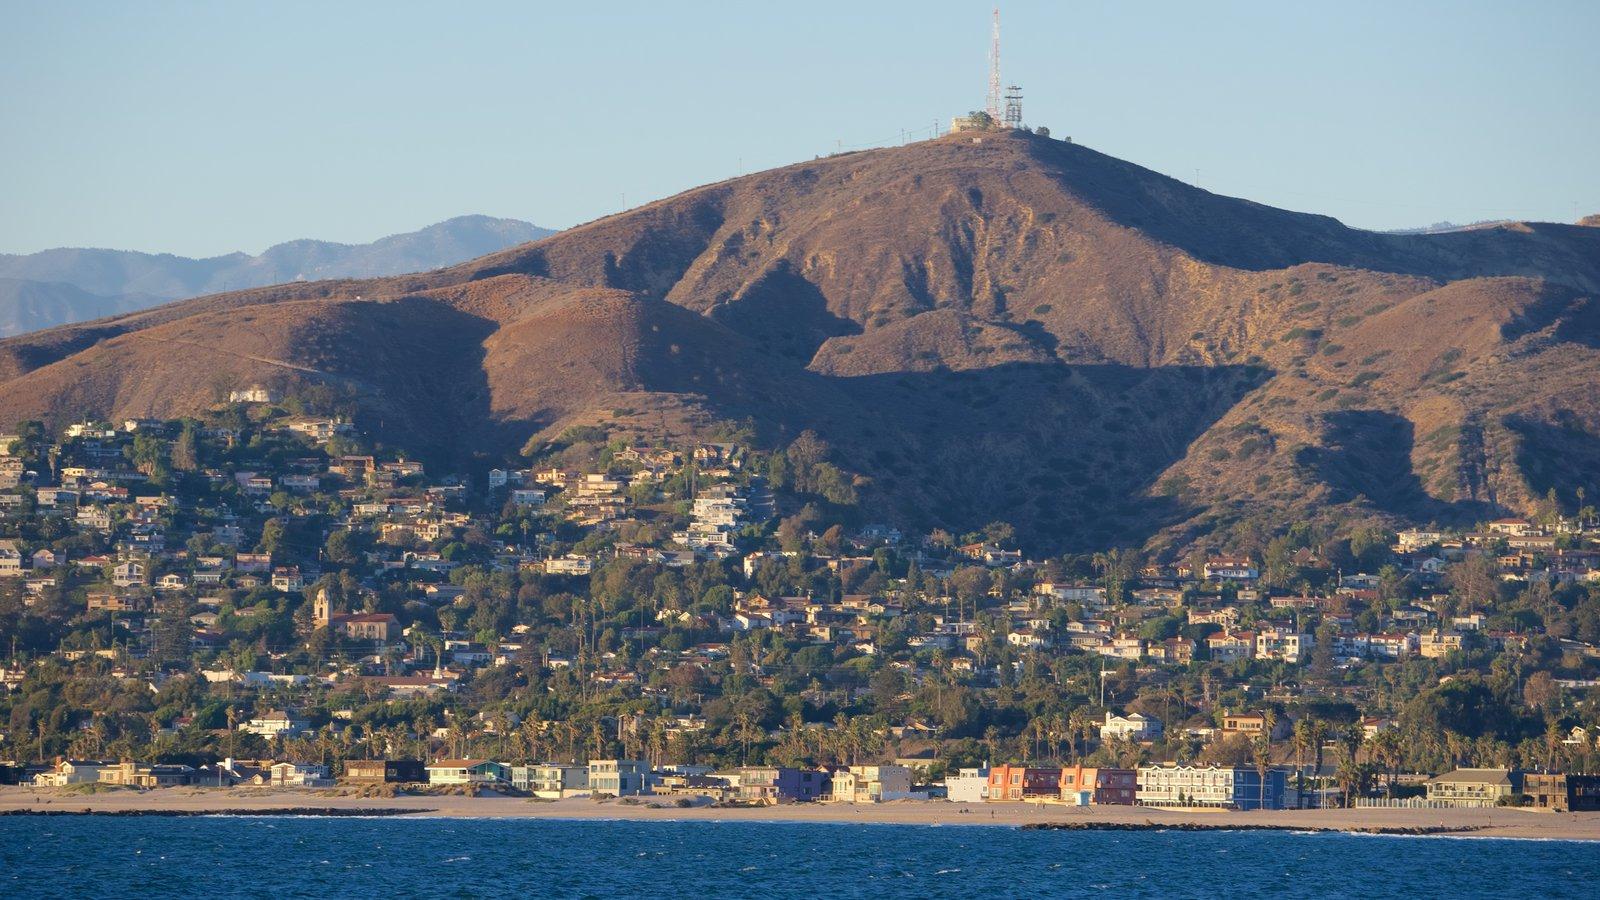 Califórnia Central que inclui uma cidade litorânea, paisagens litorâneas e paisagem